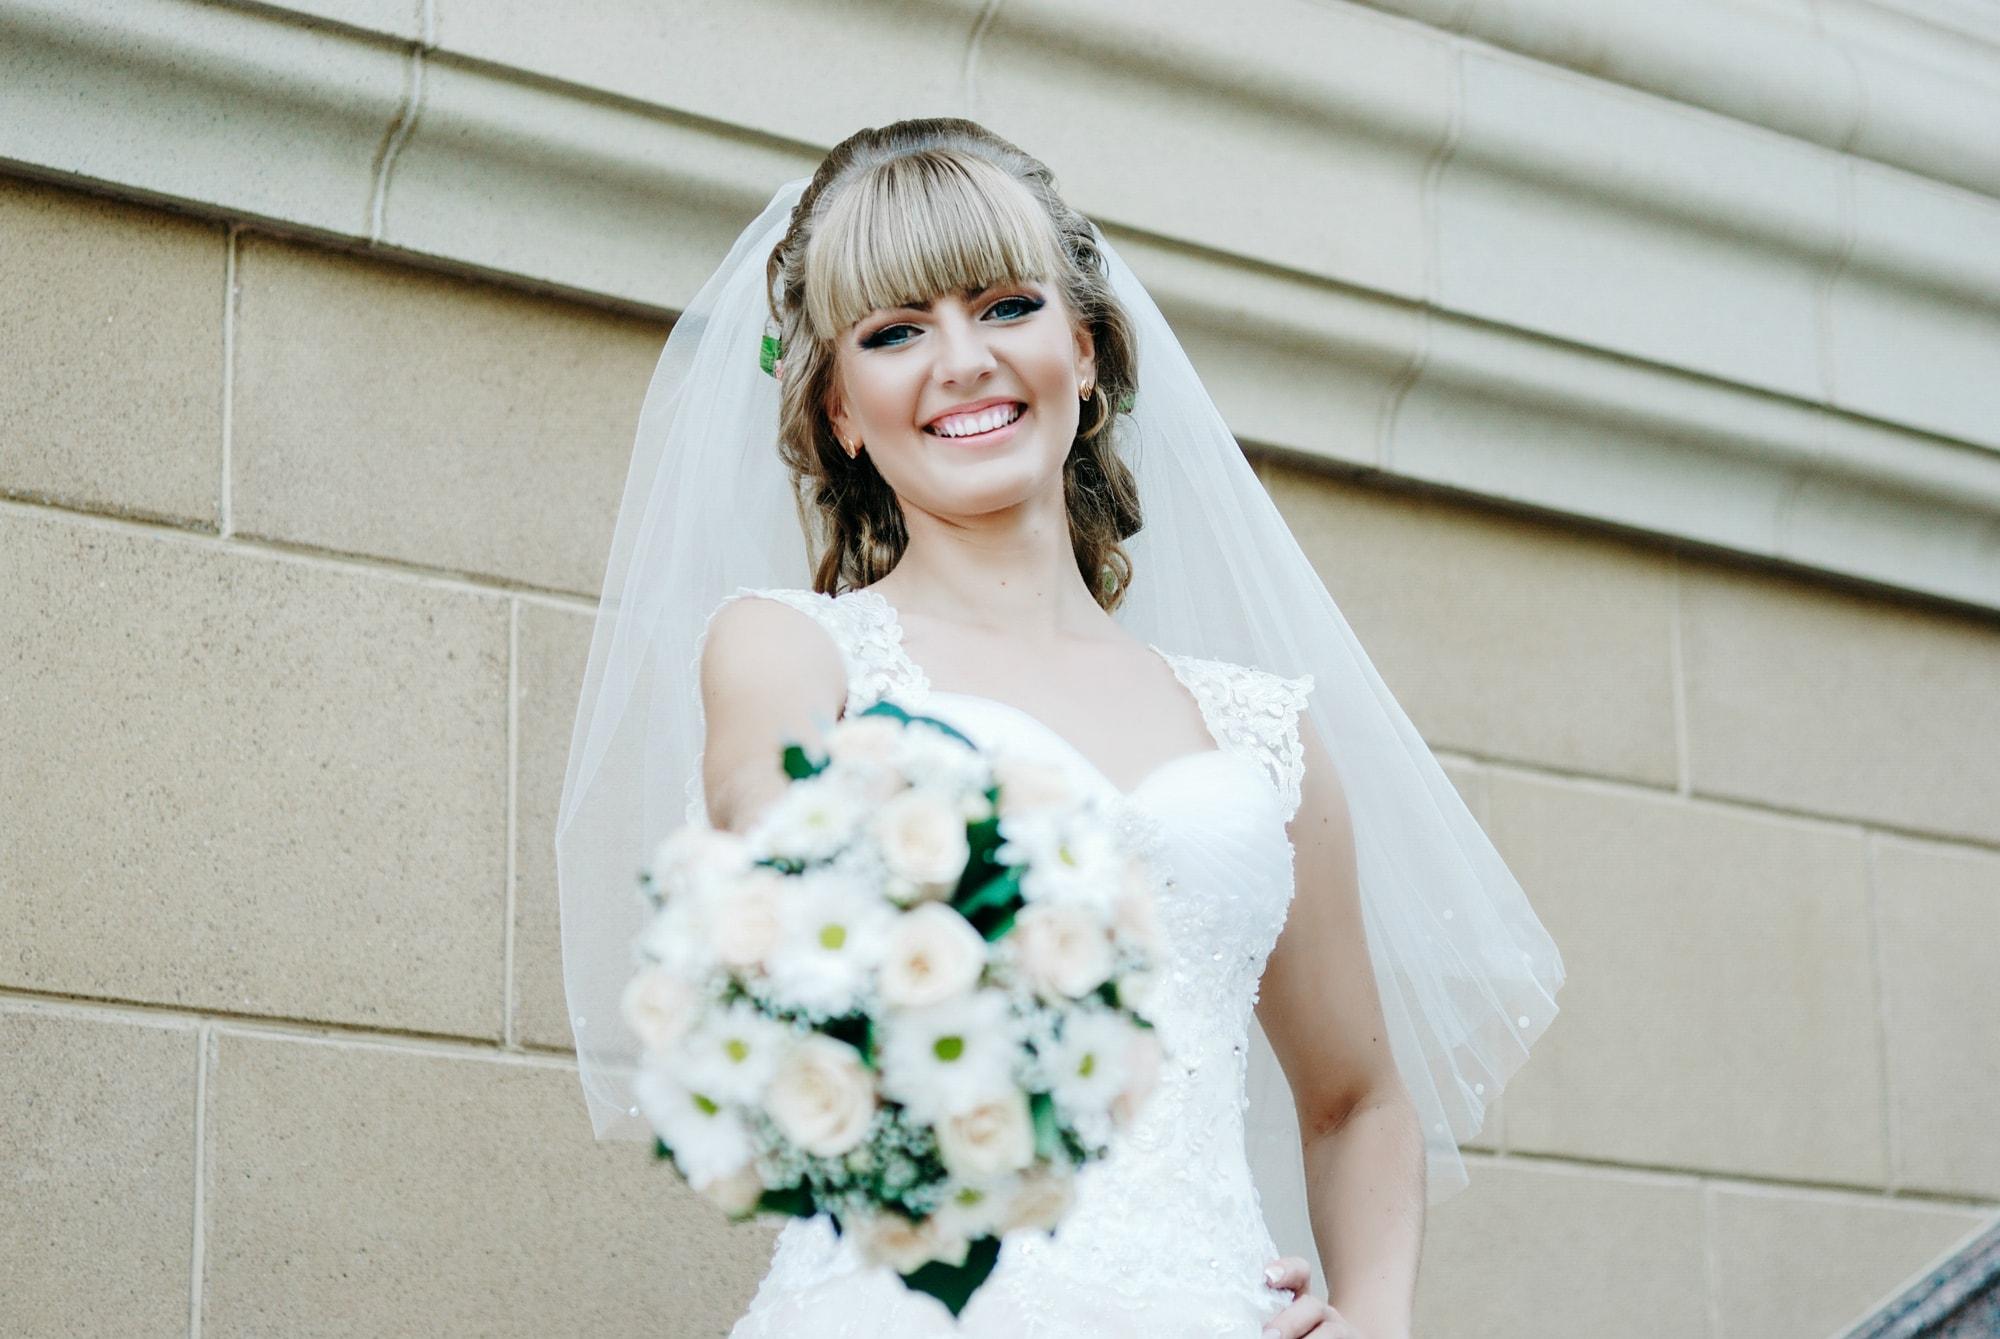 Счастливая невеста на фотосессии - Фотограф Киев - Женя Лайт